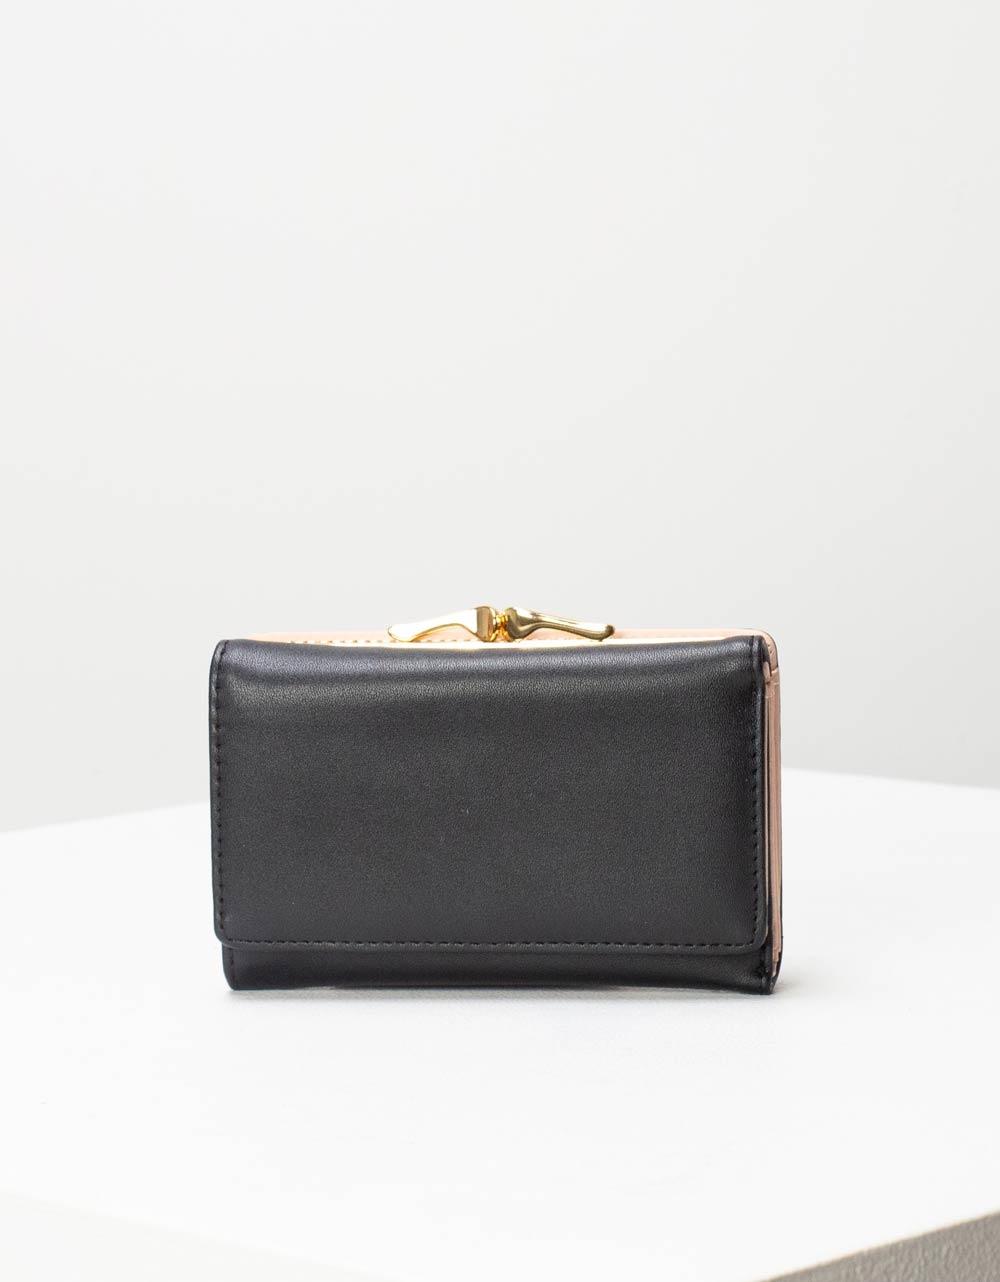 Εικόνα από Γυναικεία πορτοφόλια με μεταλλικό διακοσμητικό Μαύρο